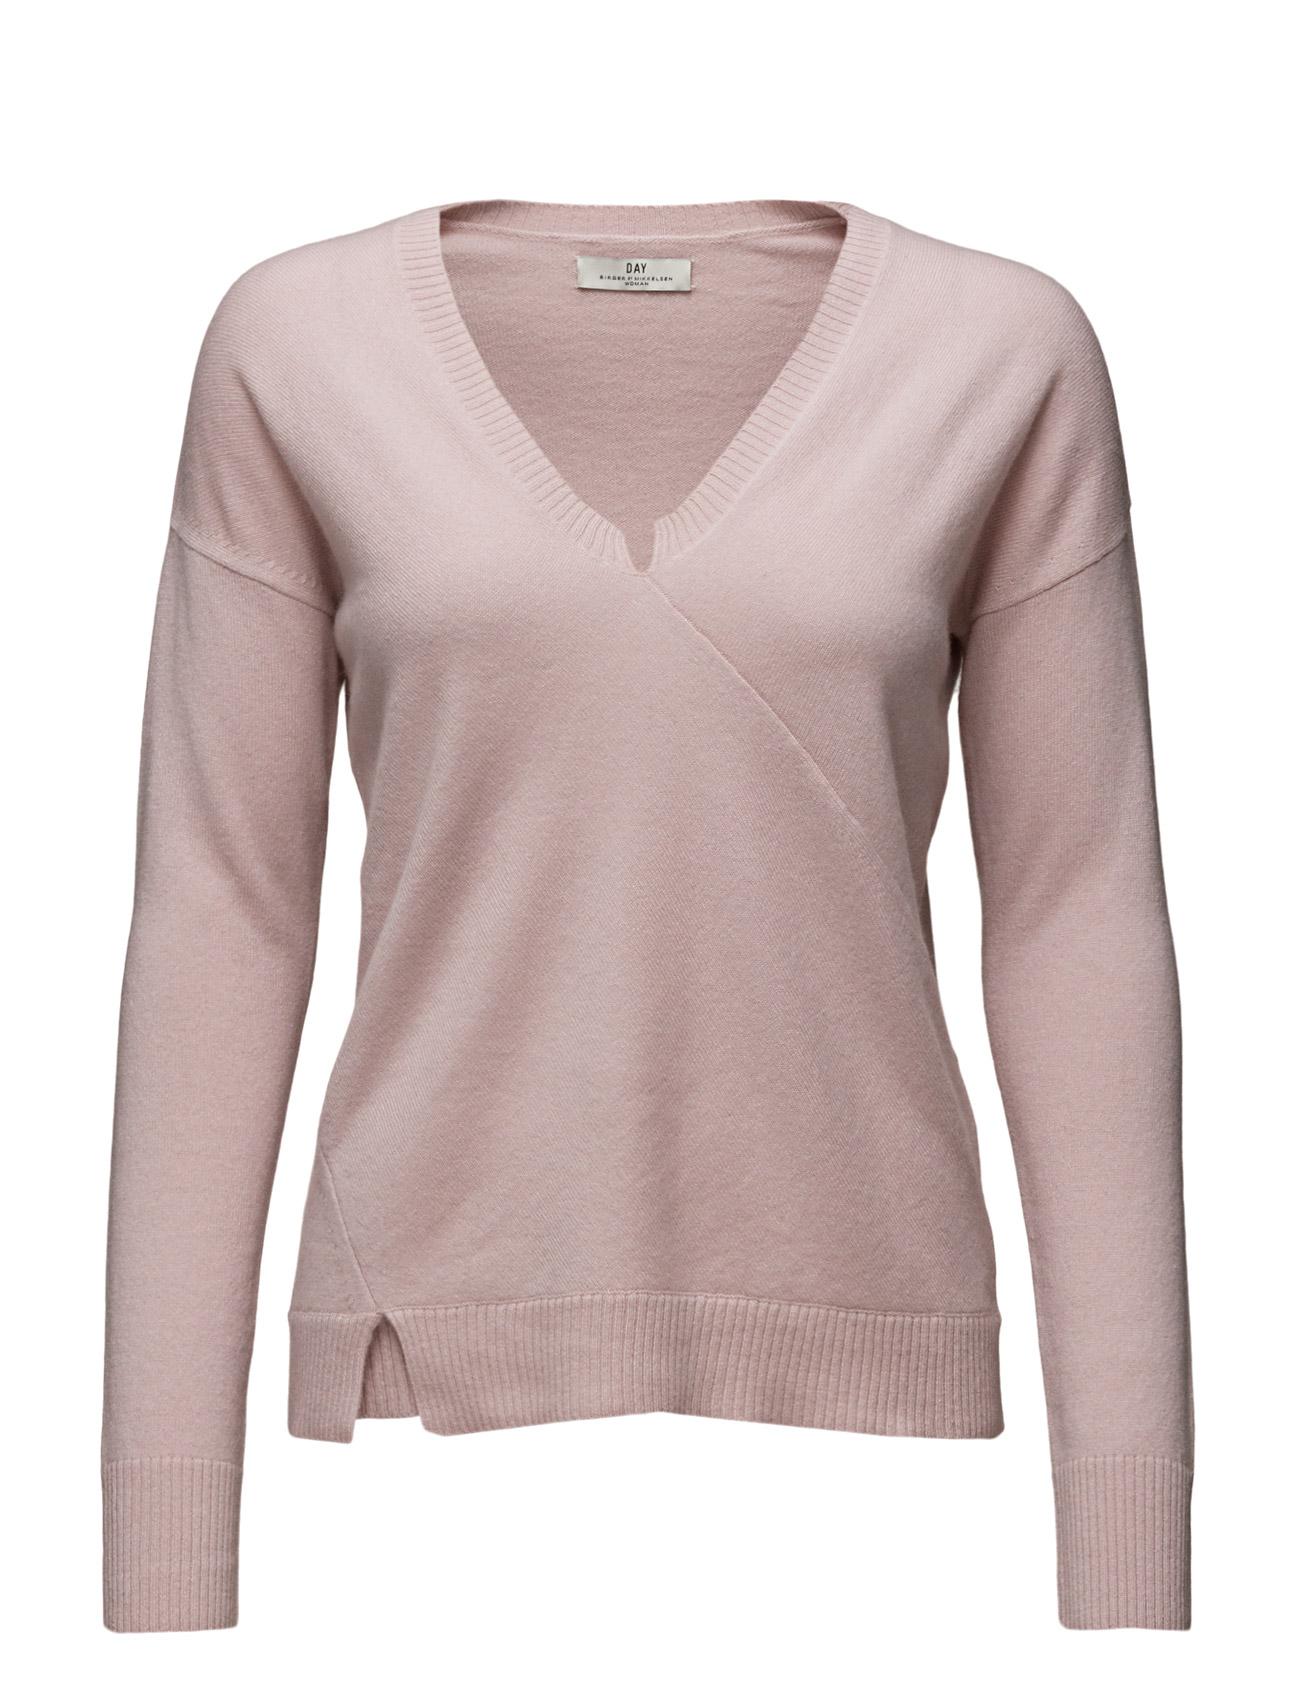 Day Sundar Day Birger et Mikkelsen Sweatshirts til Kvinder i insence